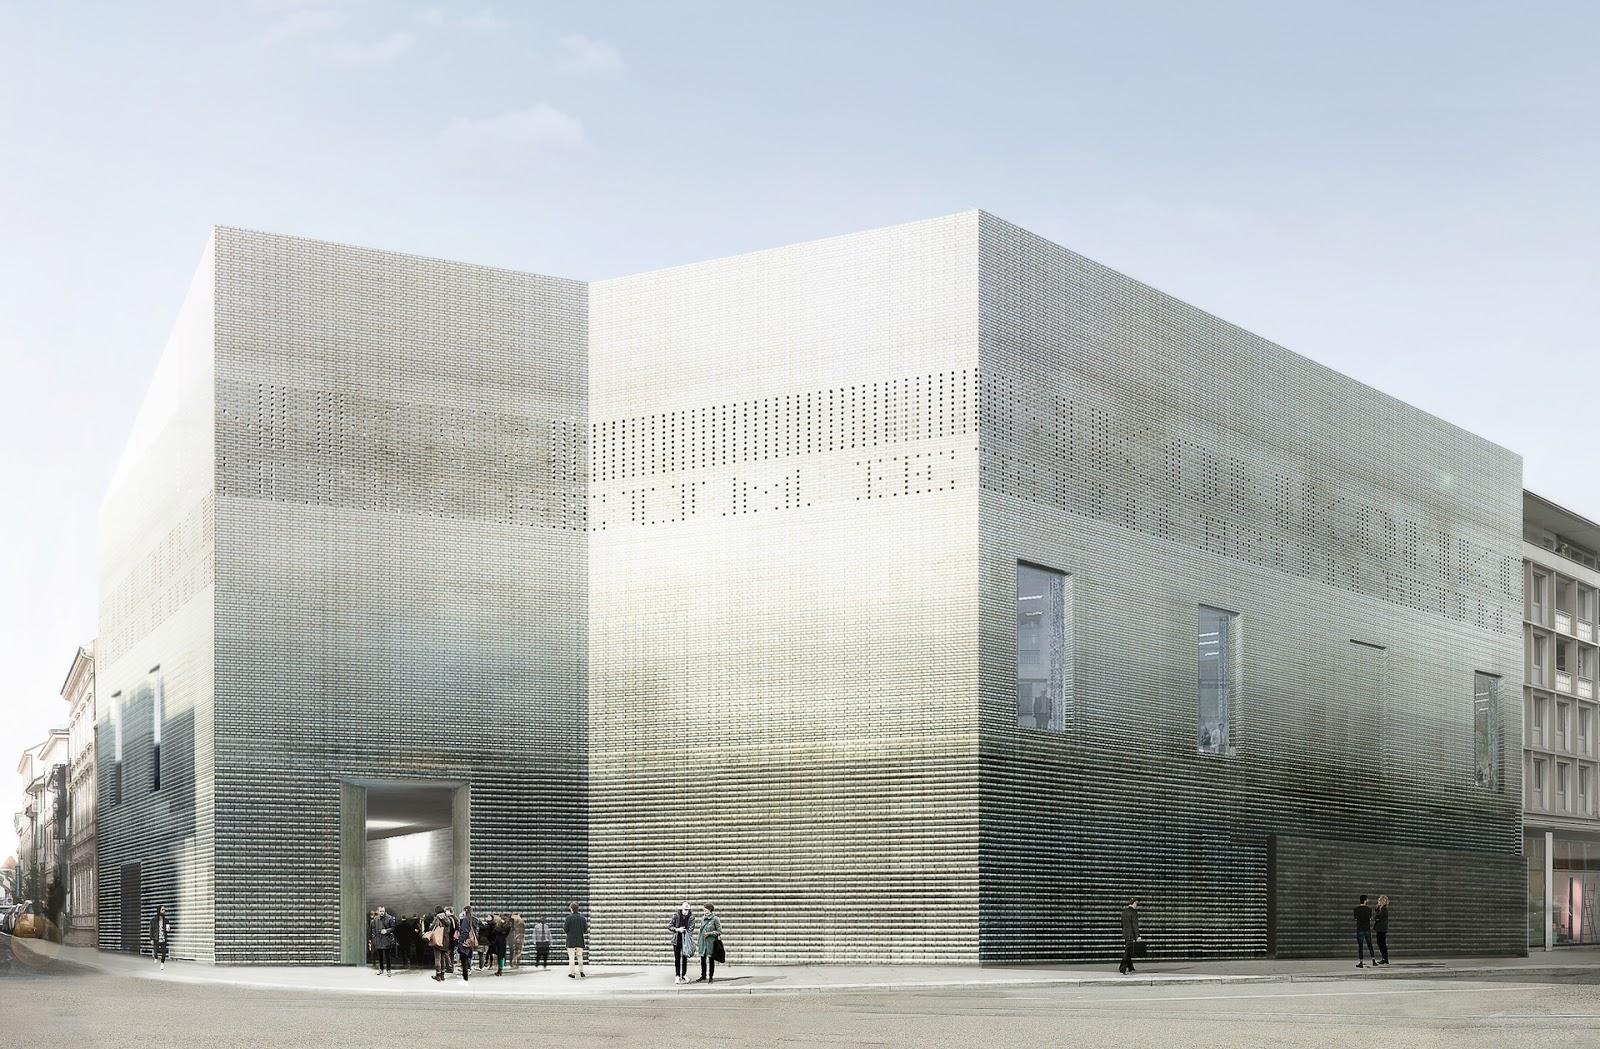 Museu das Belas Artes (Kunstmuseum) - Basiléia